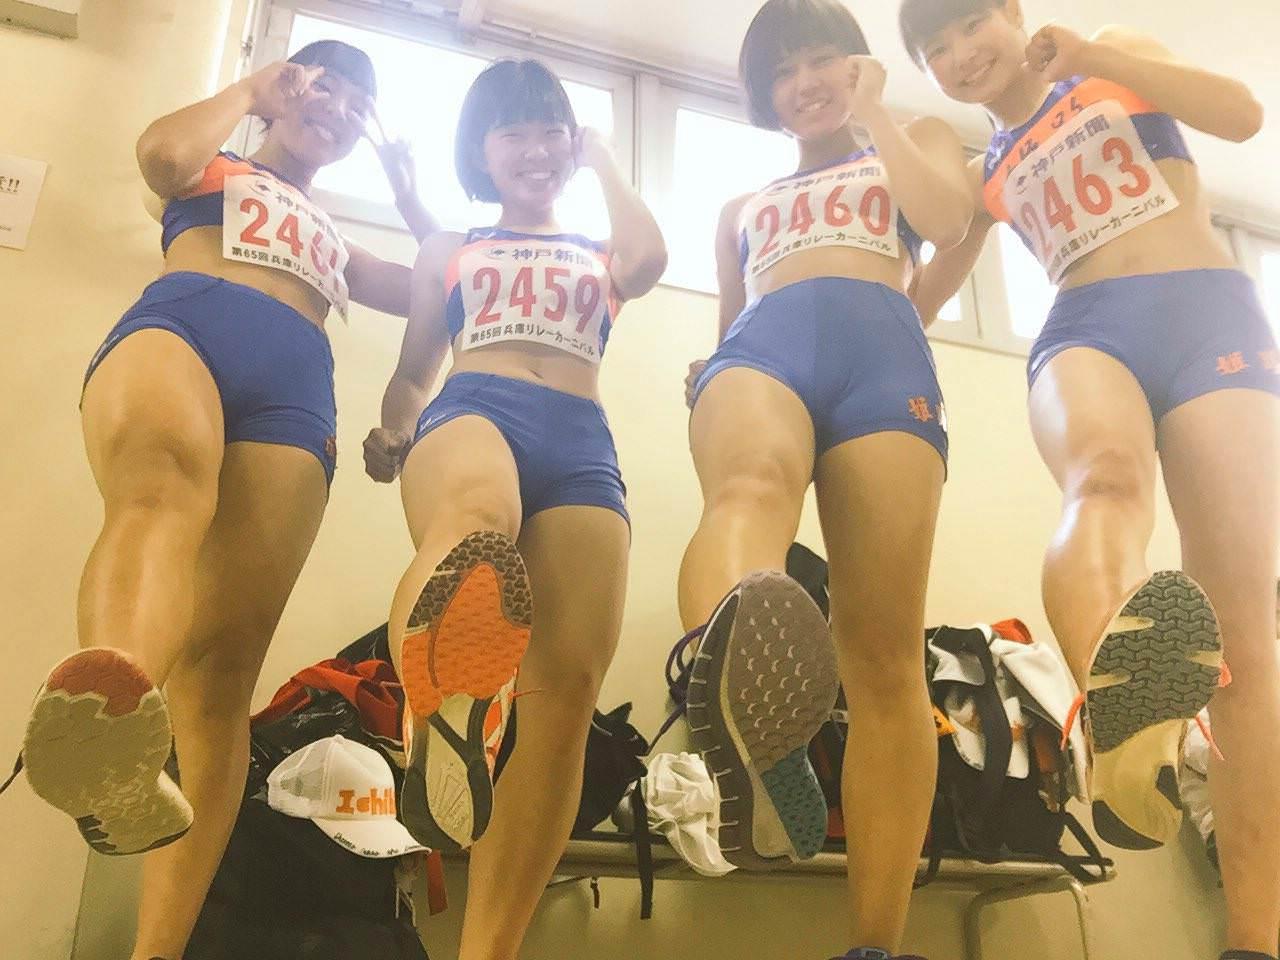 スポーツやってるJKのエロ画像ってマジで抜けない!!!!!!!!!!! ybQtoD7